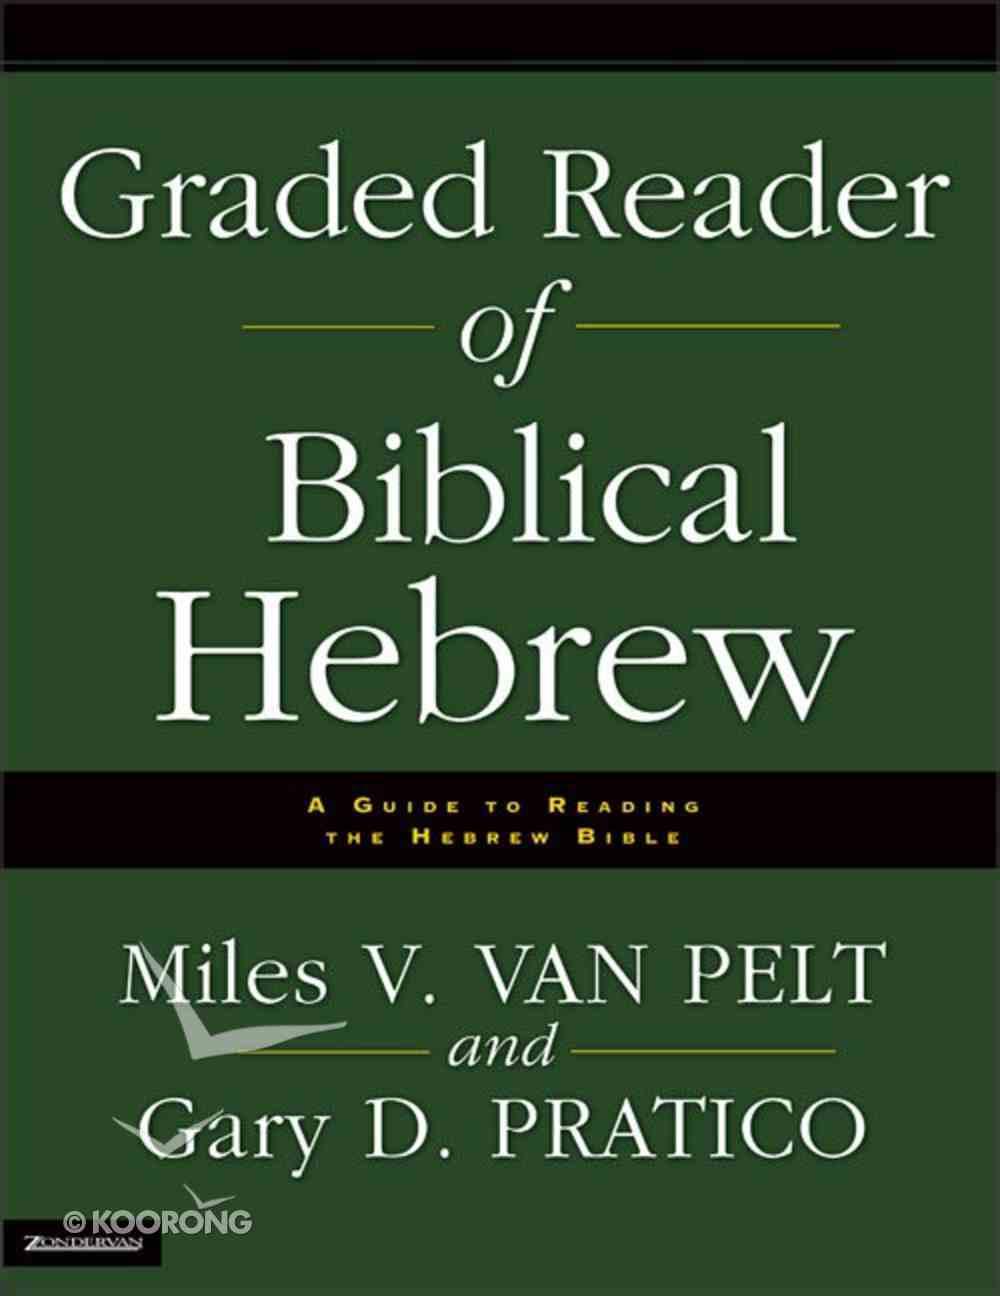 Graded Reader of Biblical Hebrew Paperback